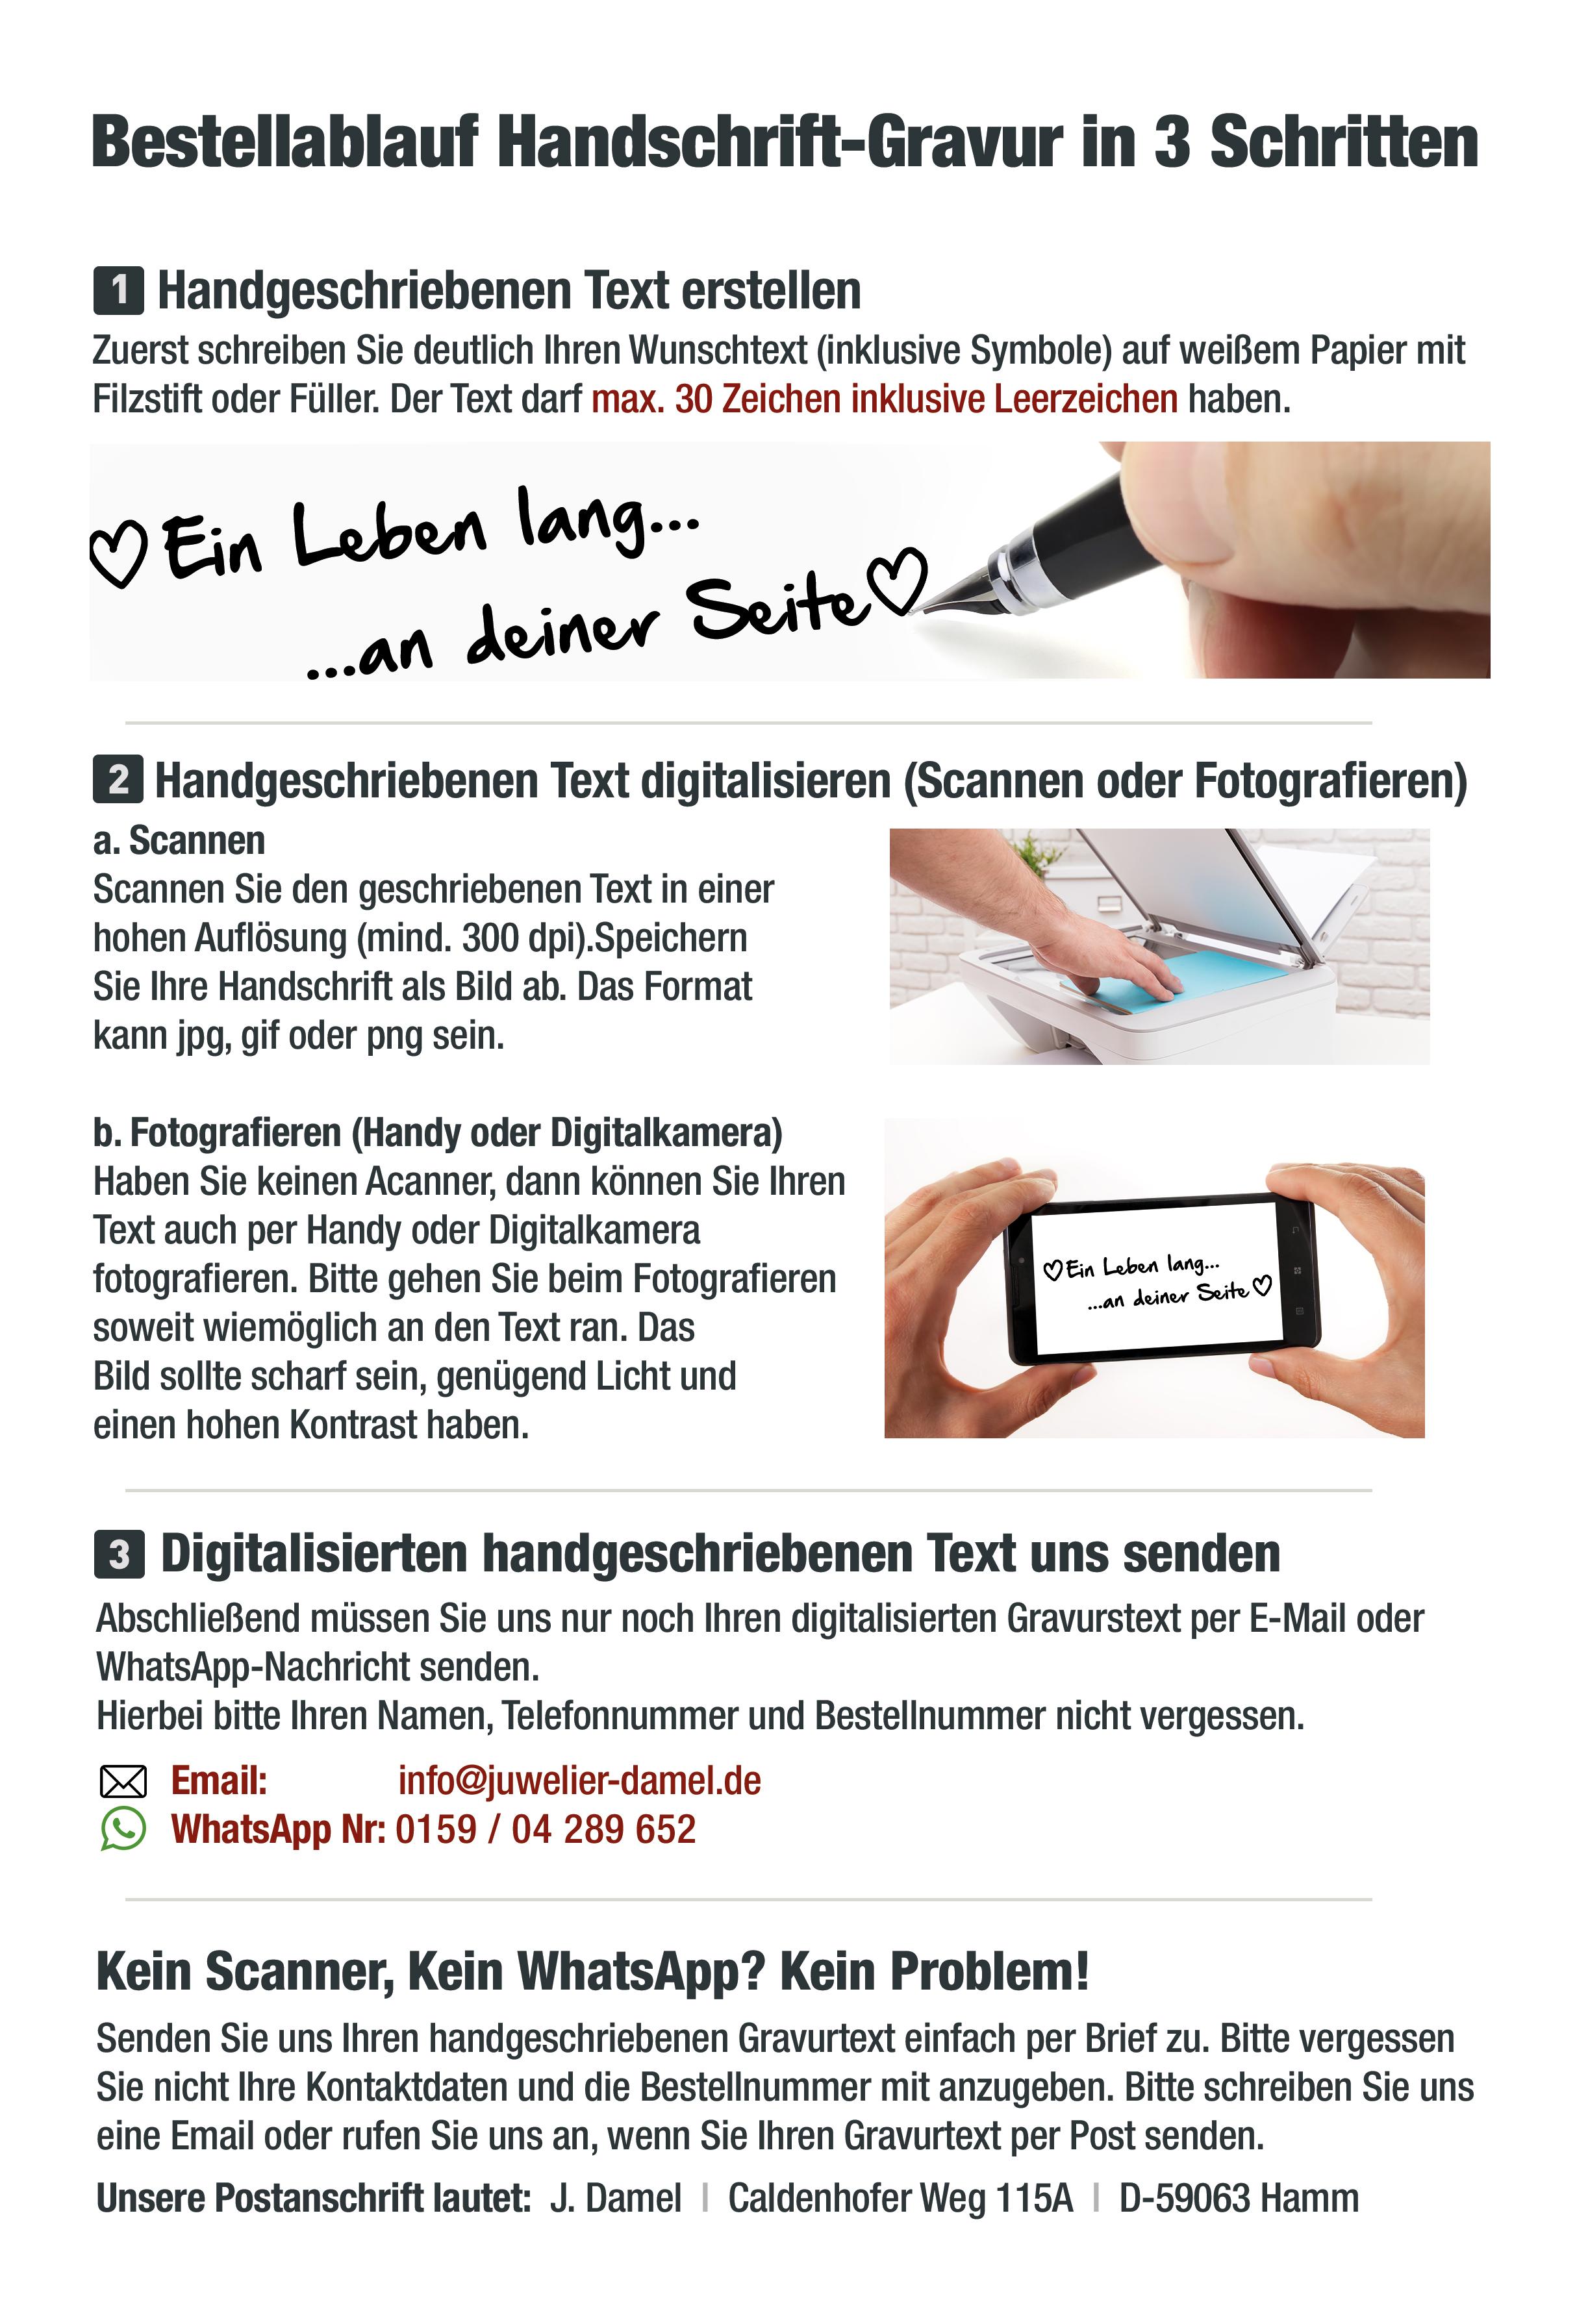 PE207HH Herren Eheringe aus Edelstahl Ihre Handschrift als Gravur!